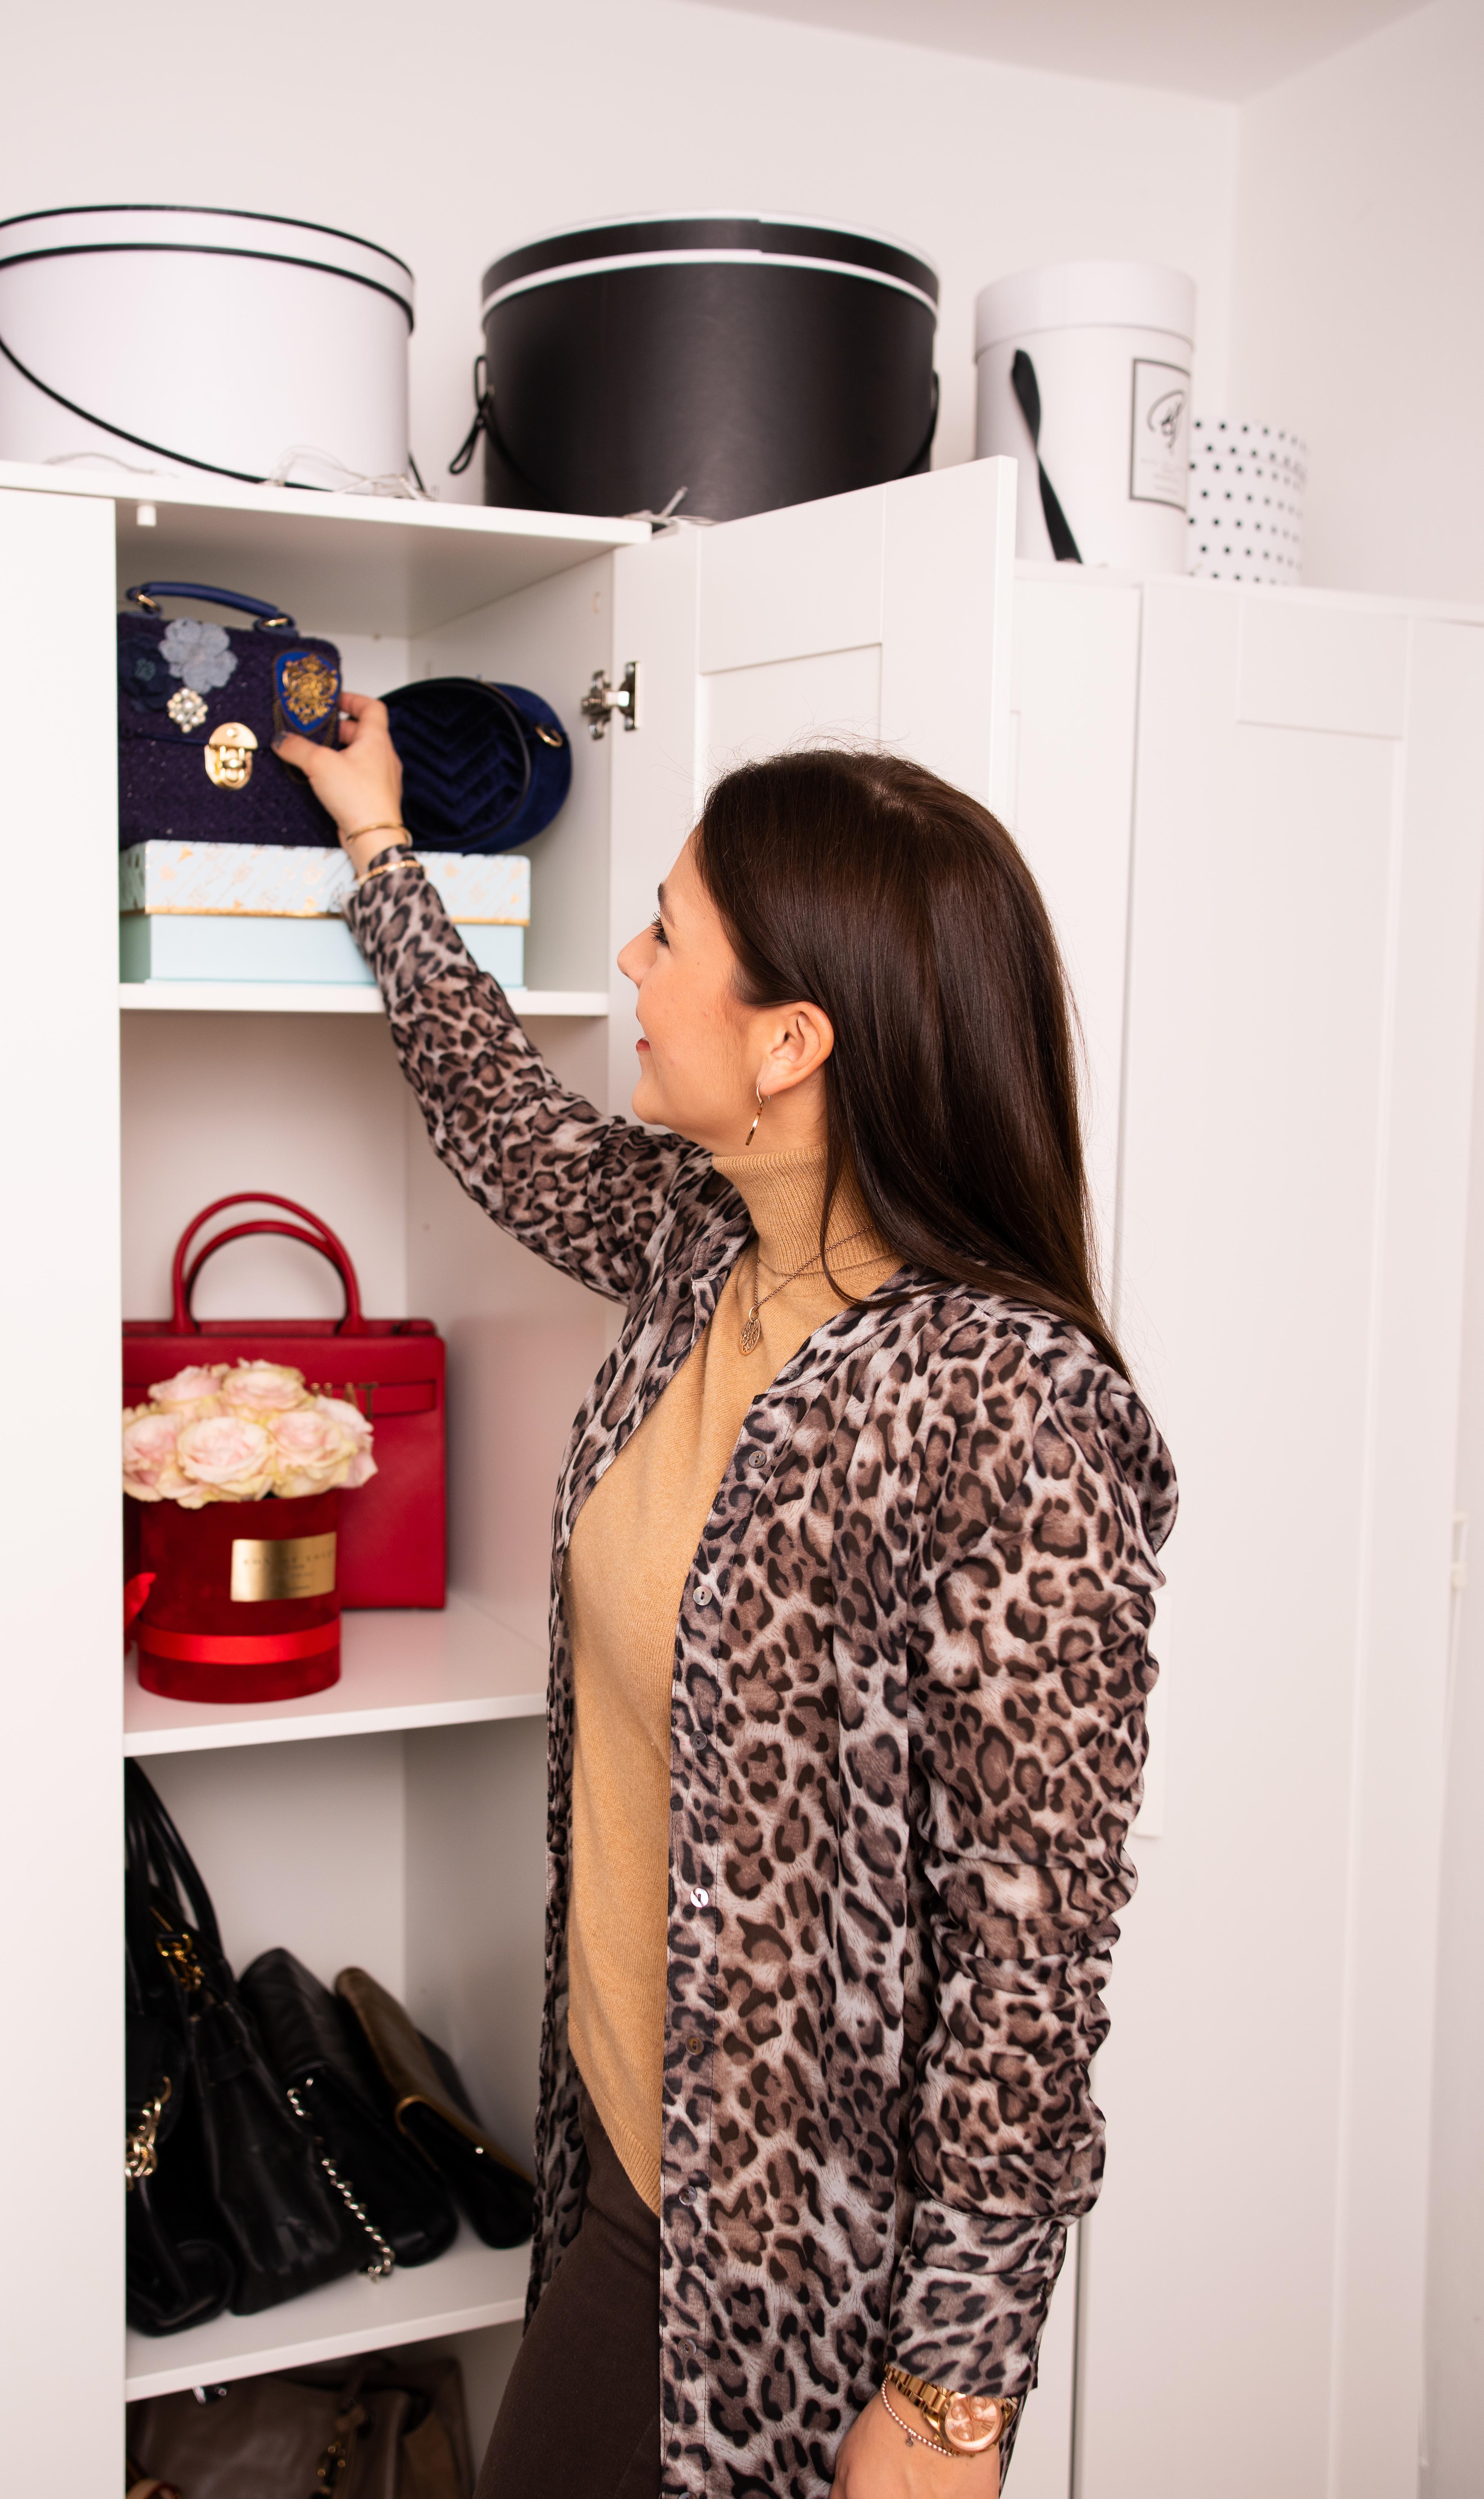 Kleiderschrank Check, Style Coaching, Neuer Look - Nathalie Dorff von Fashiondeluxxe mit Handtaschen